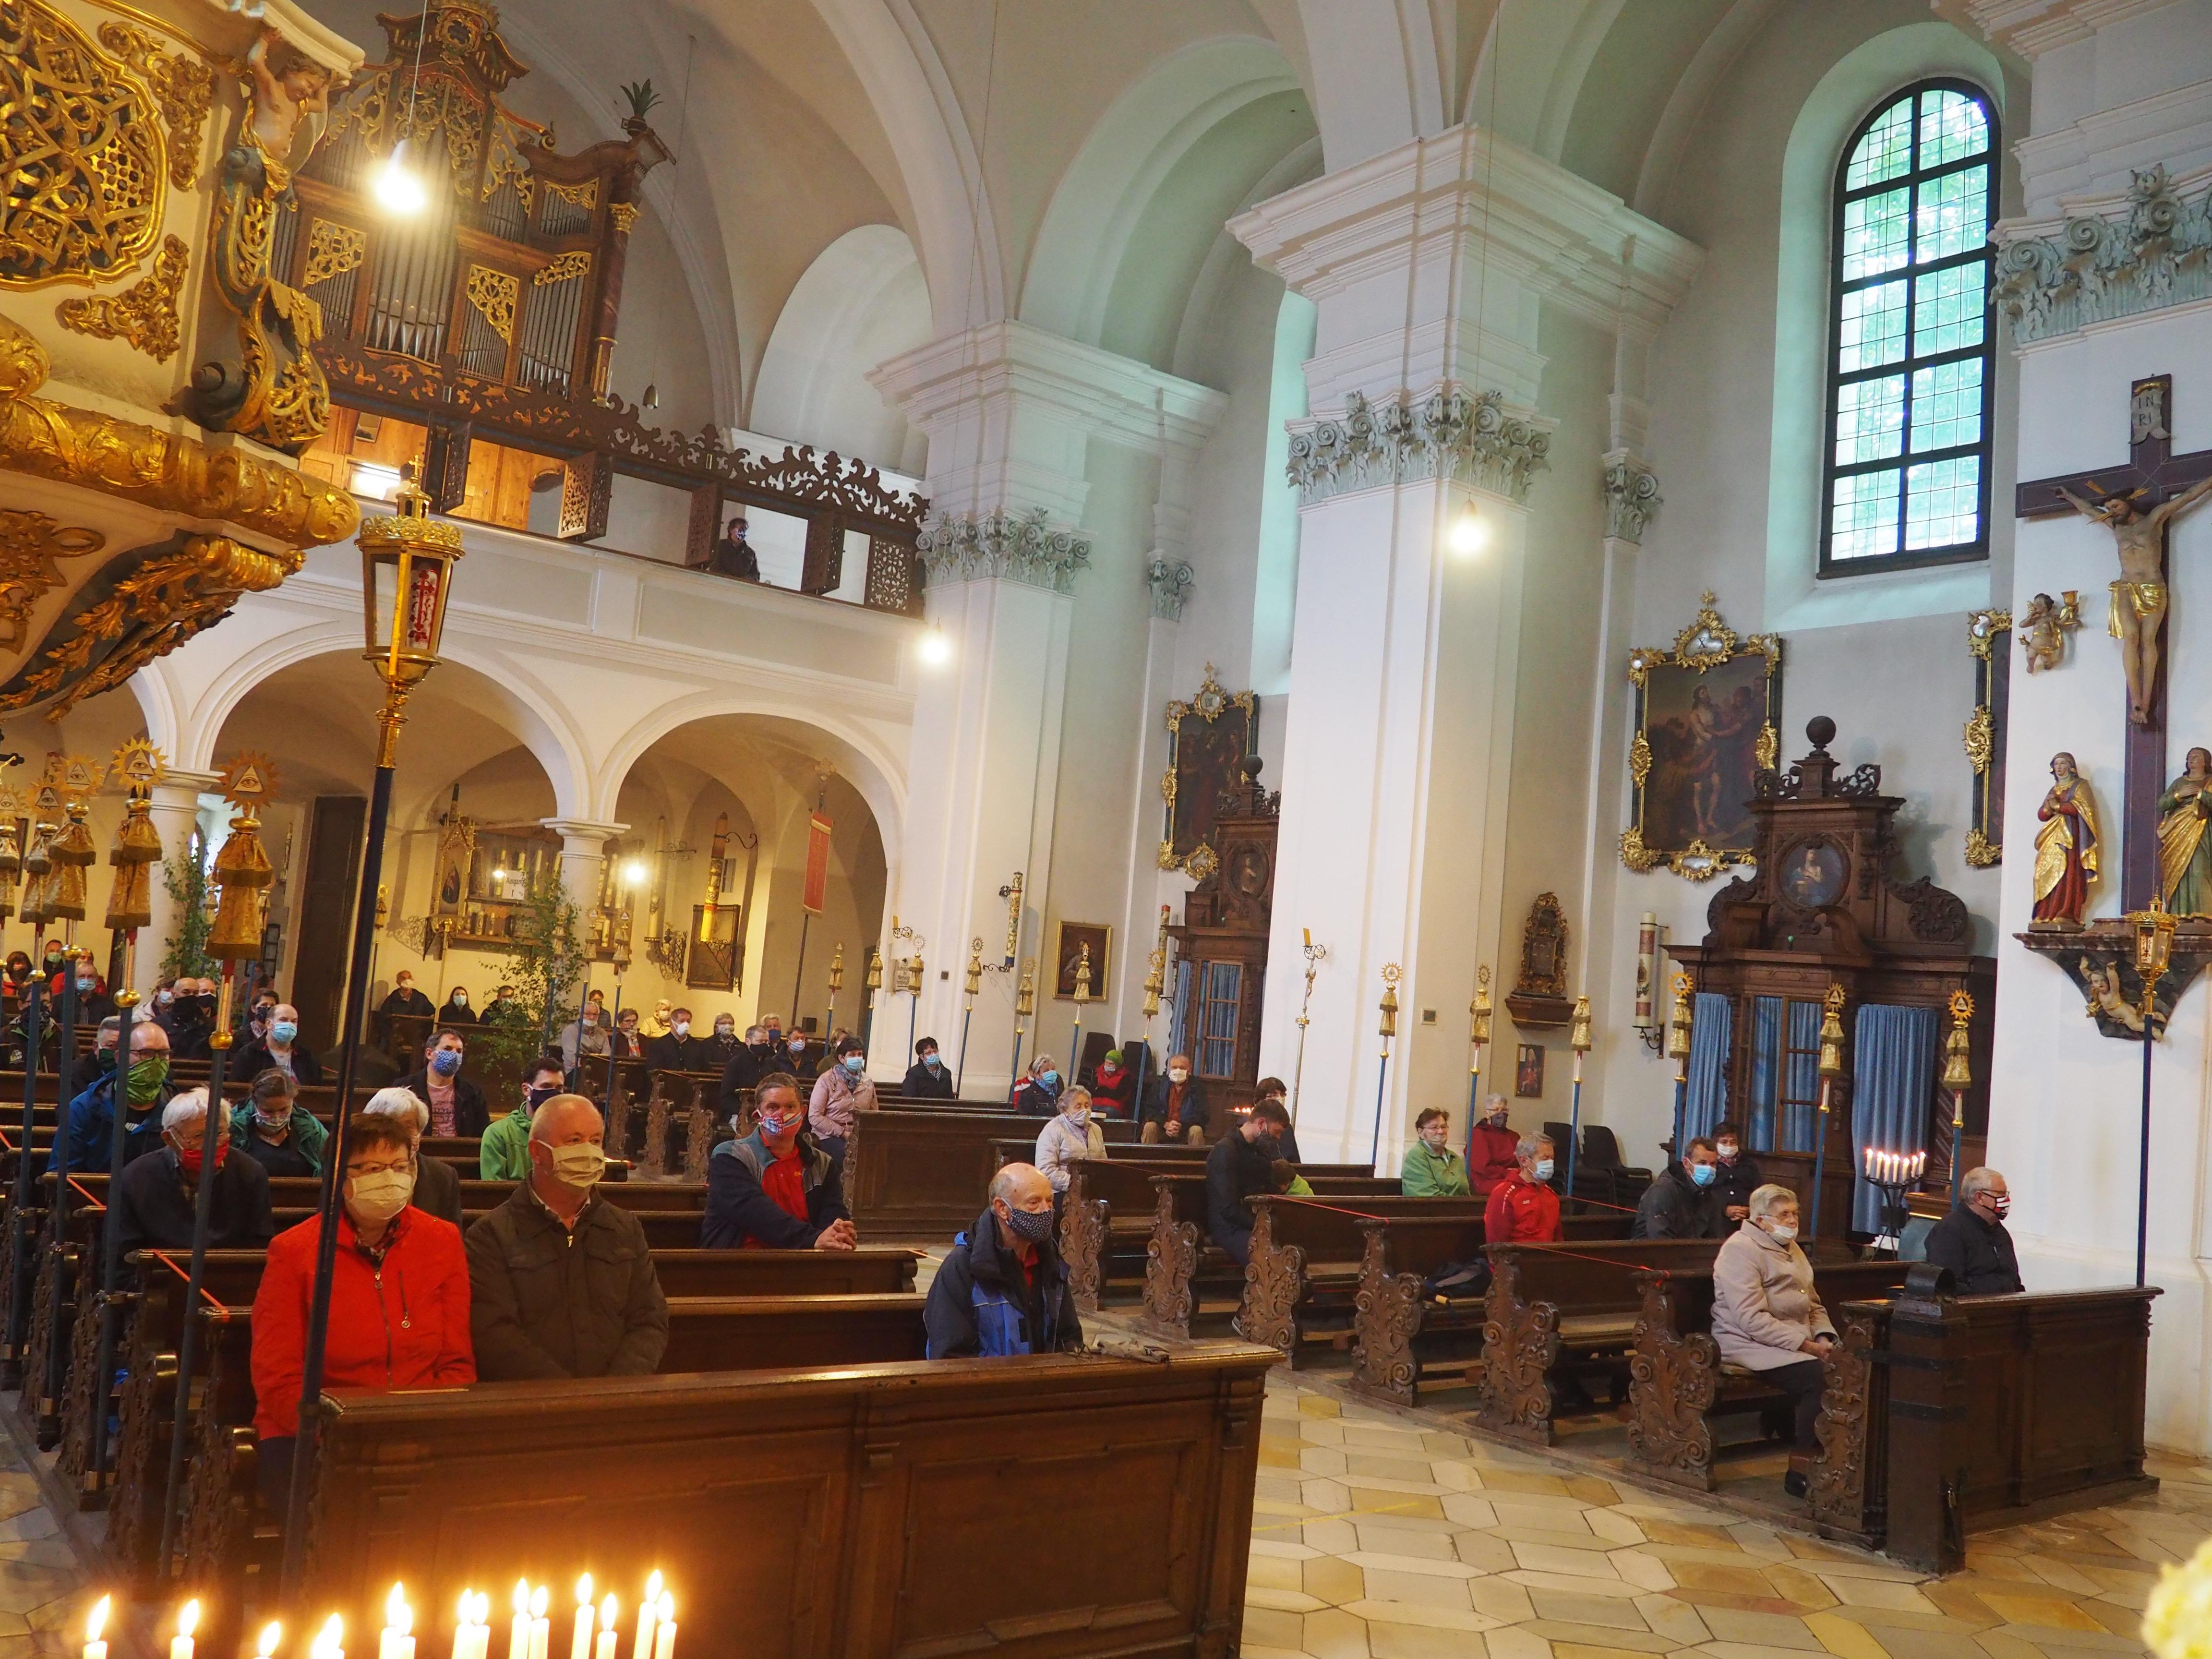 Voll besetzte Kirche zu Corona-Zeiten